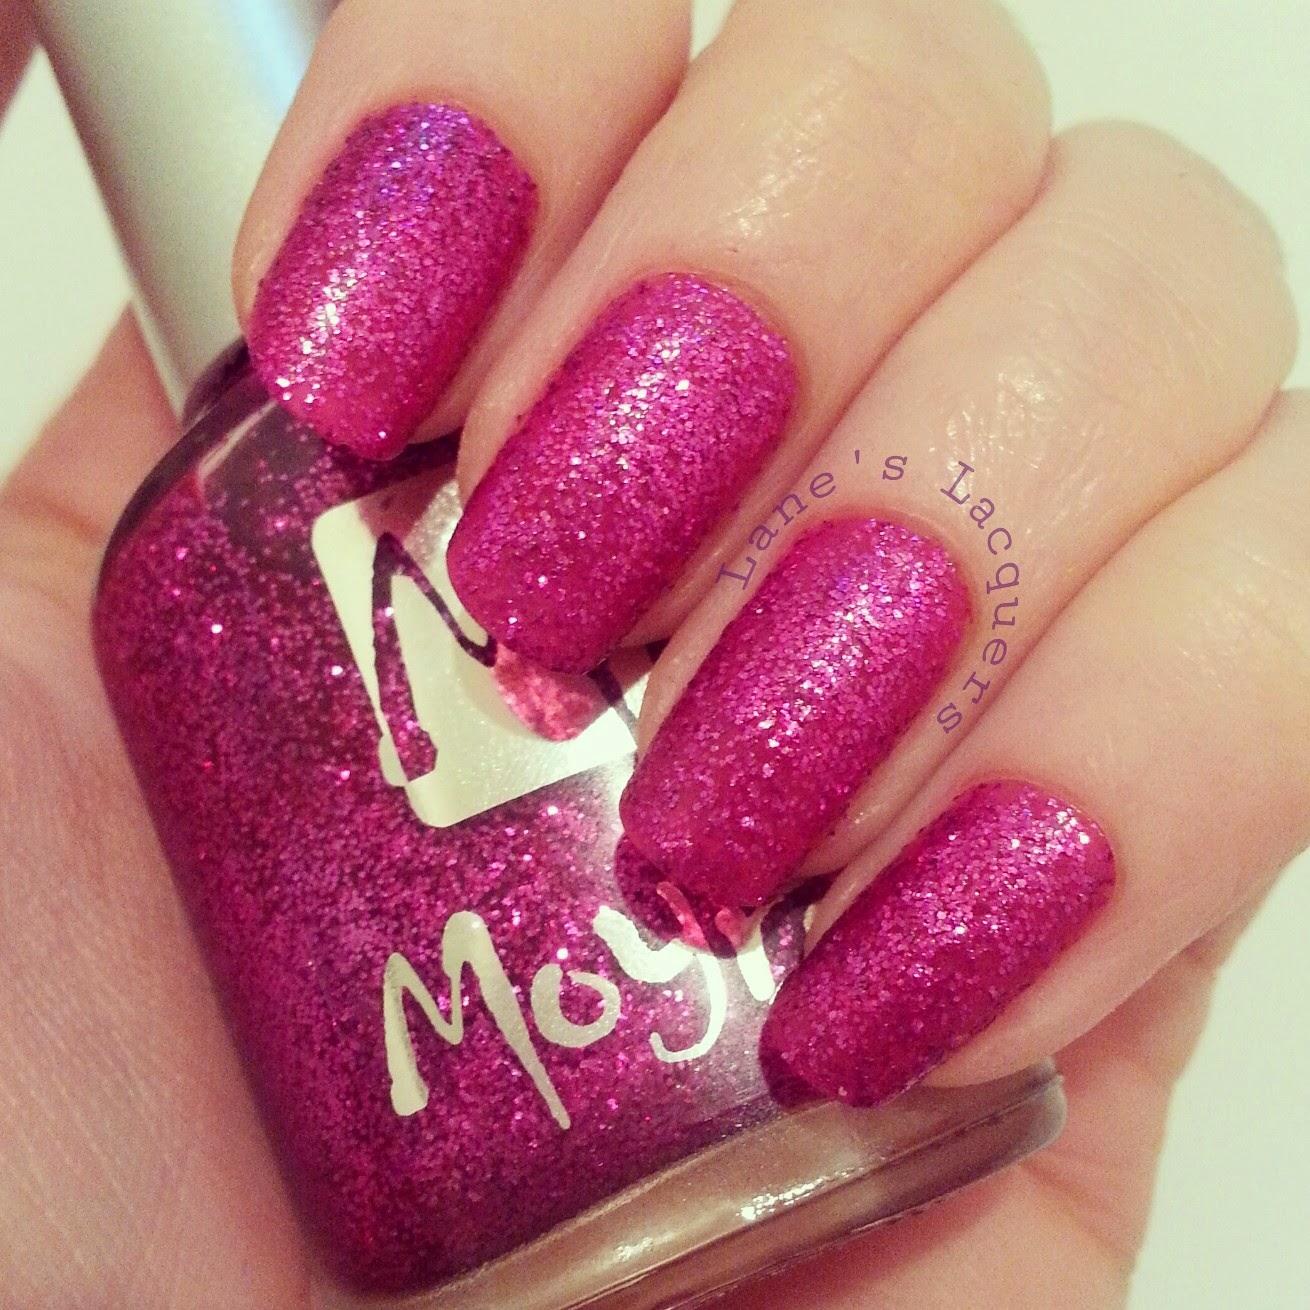 moyra-uk-no-100-swatch-nails